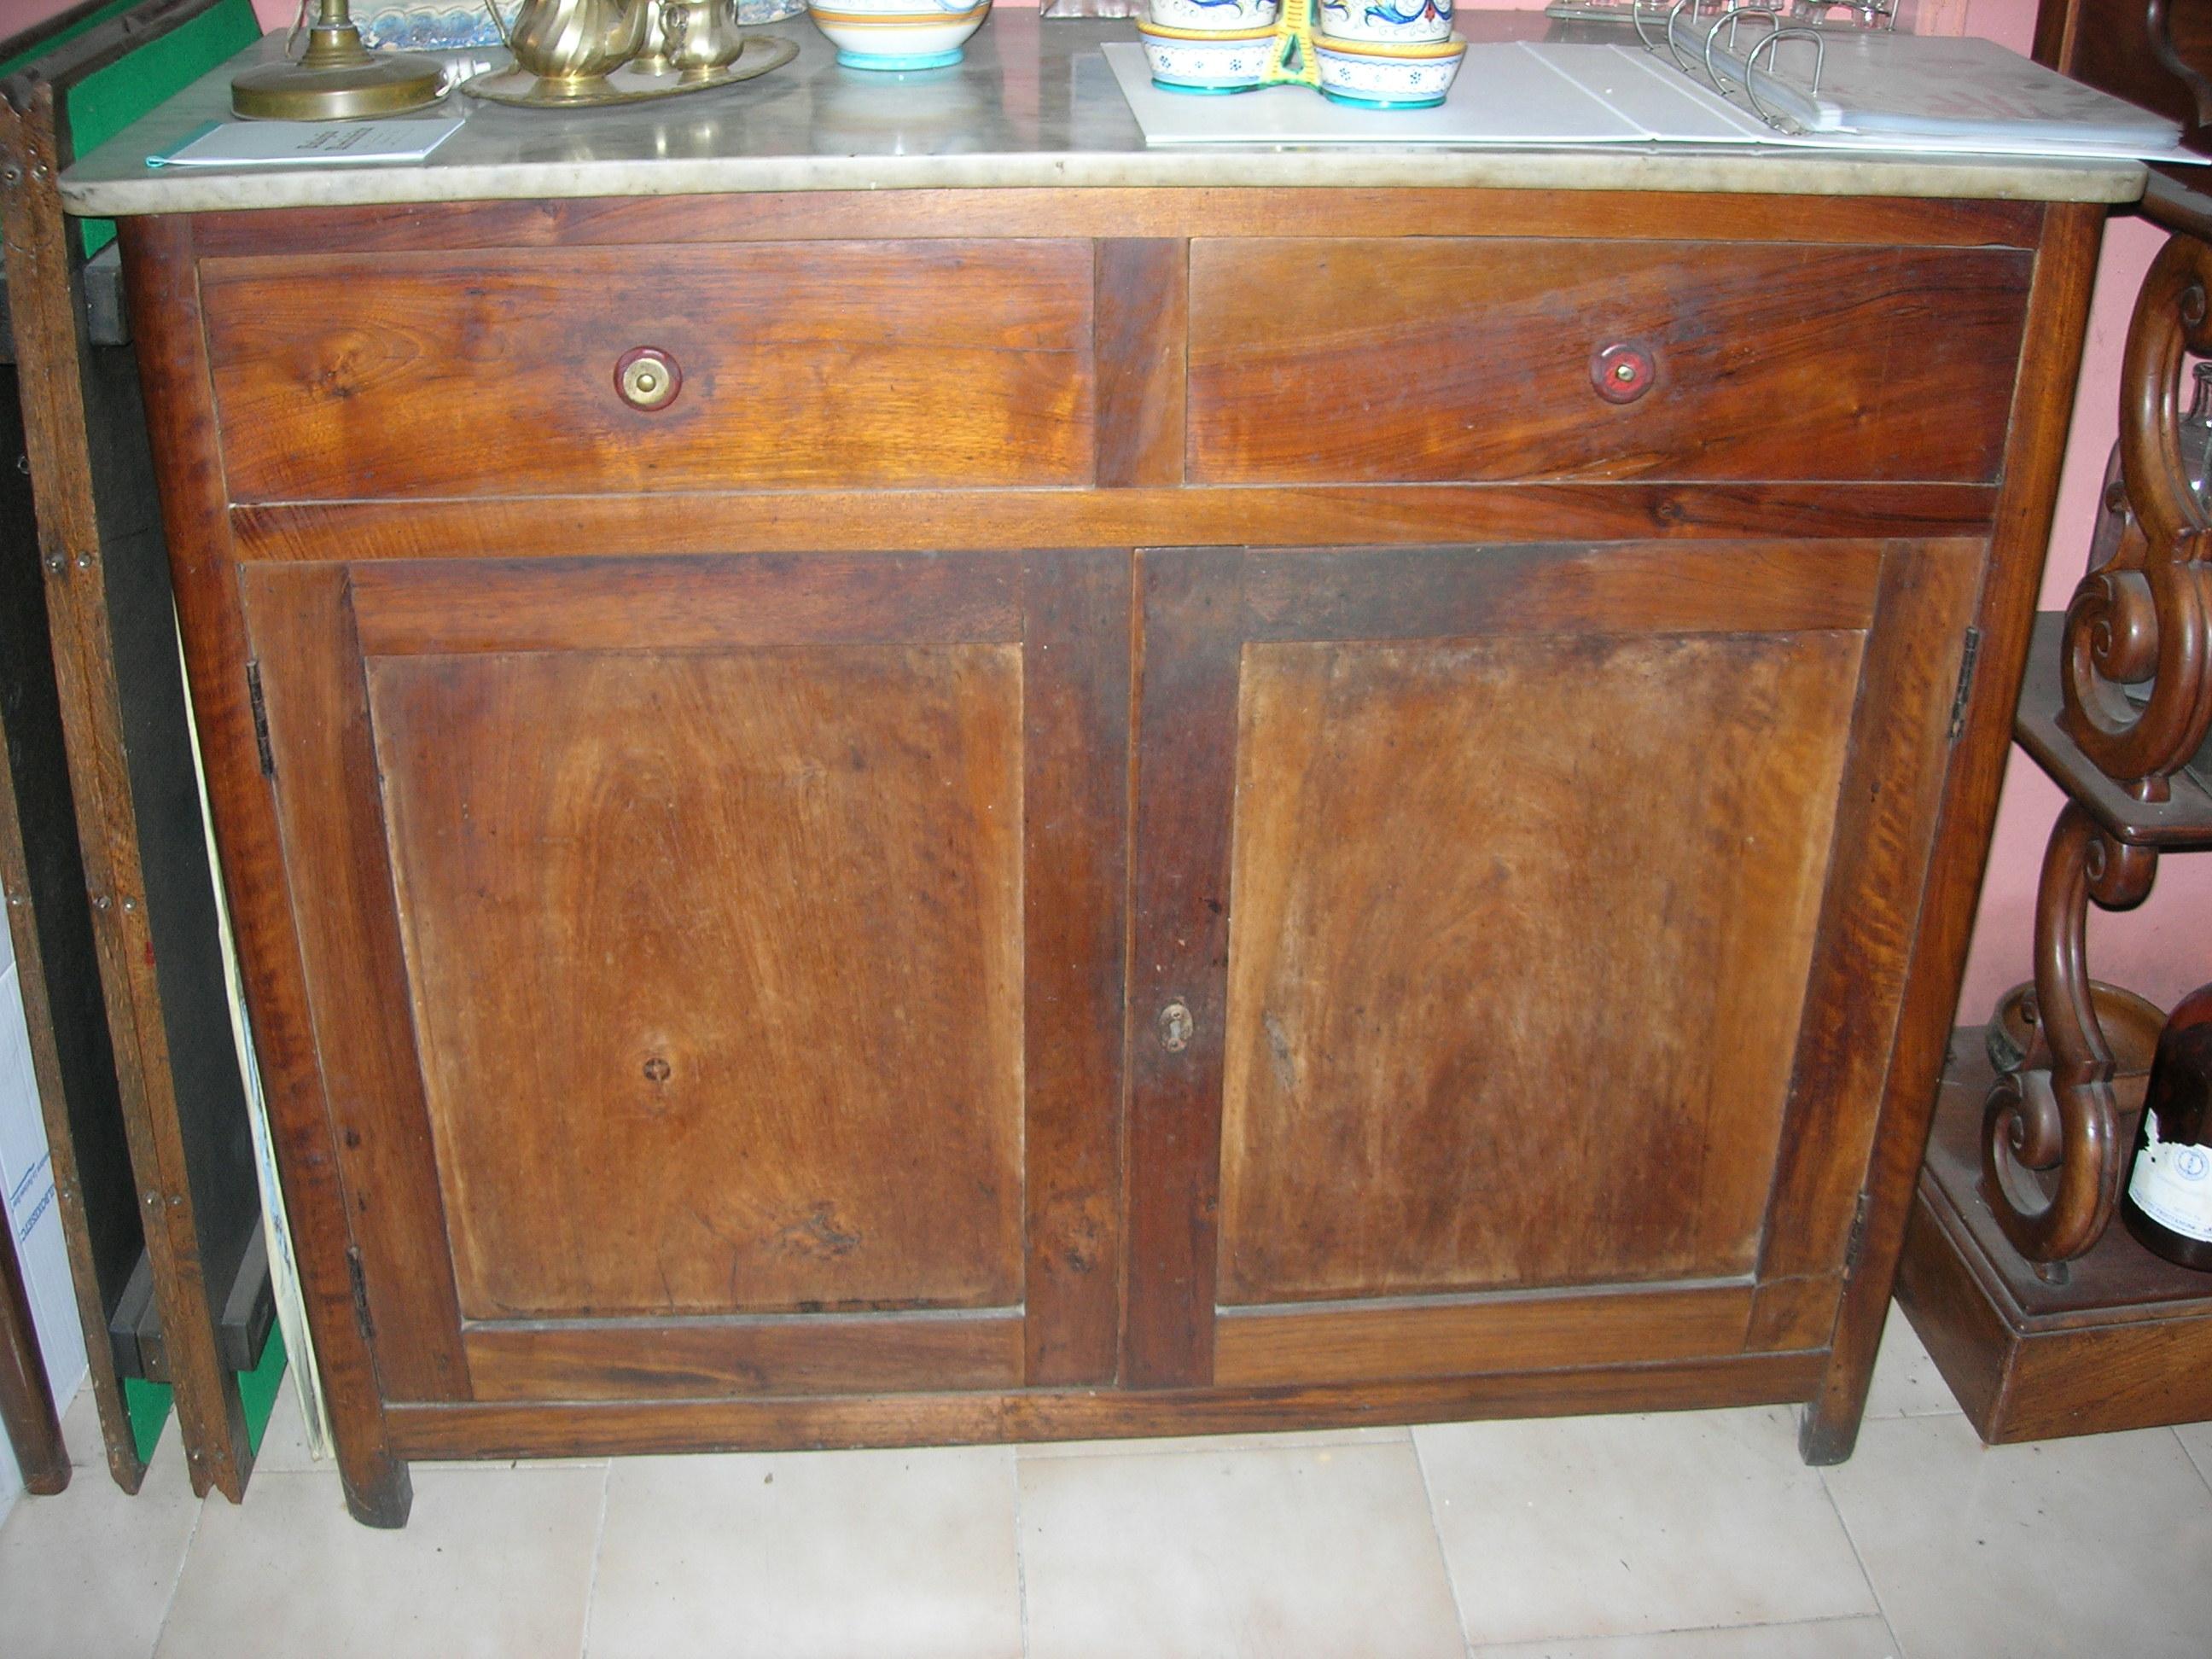 Credenza Legno Da Restaurare : Credenza a due ante in legno di noce vendita e restauro